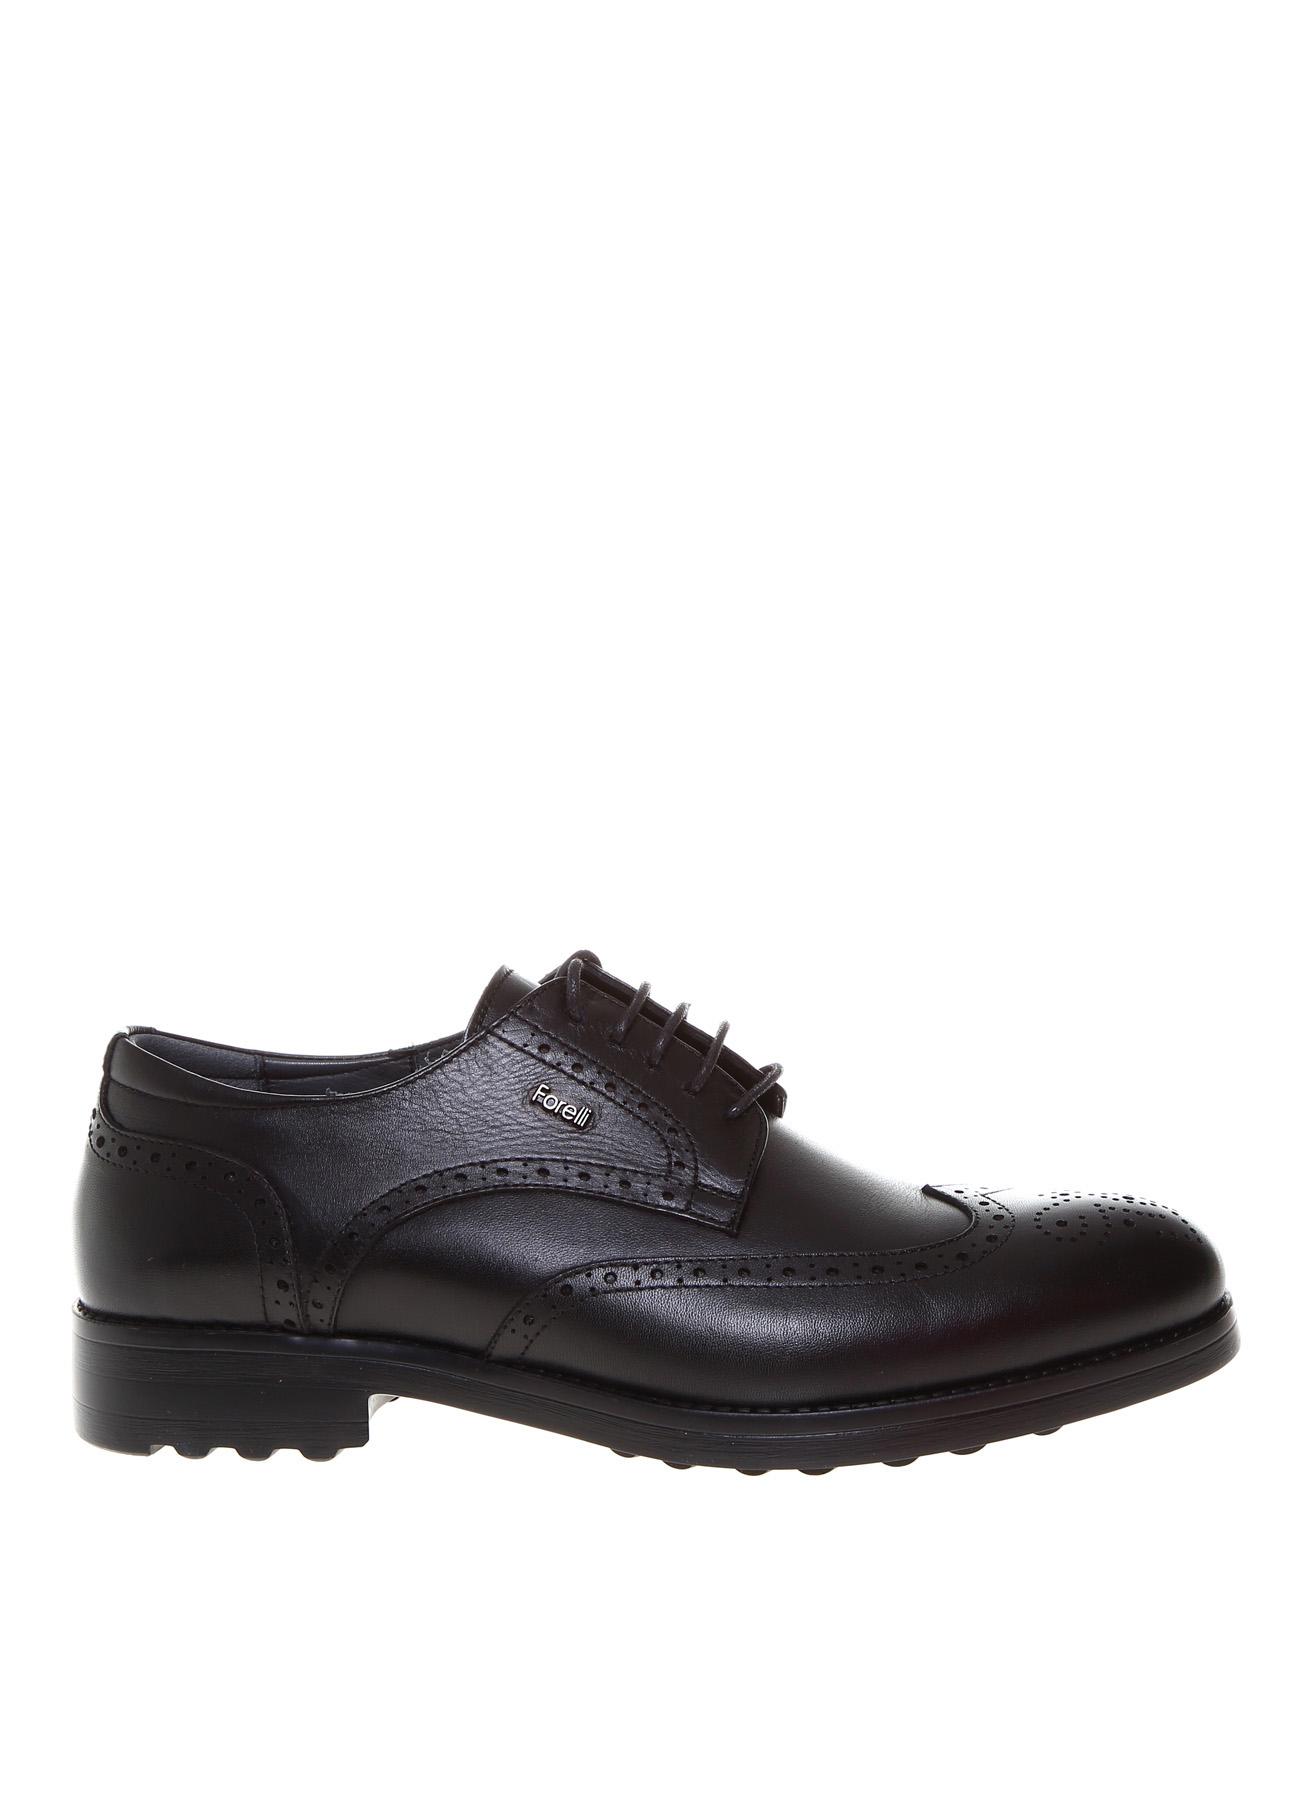 Forelli Klasik Ayakkabı 42 5001922249003 Ürün Resmi